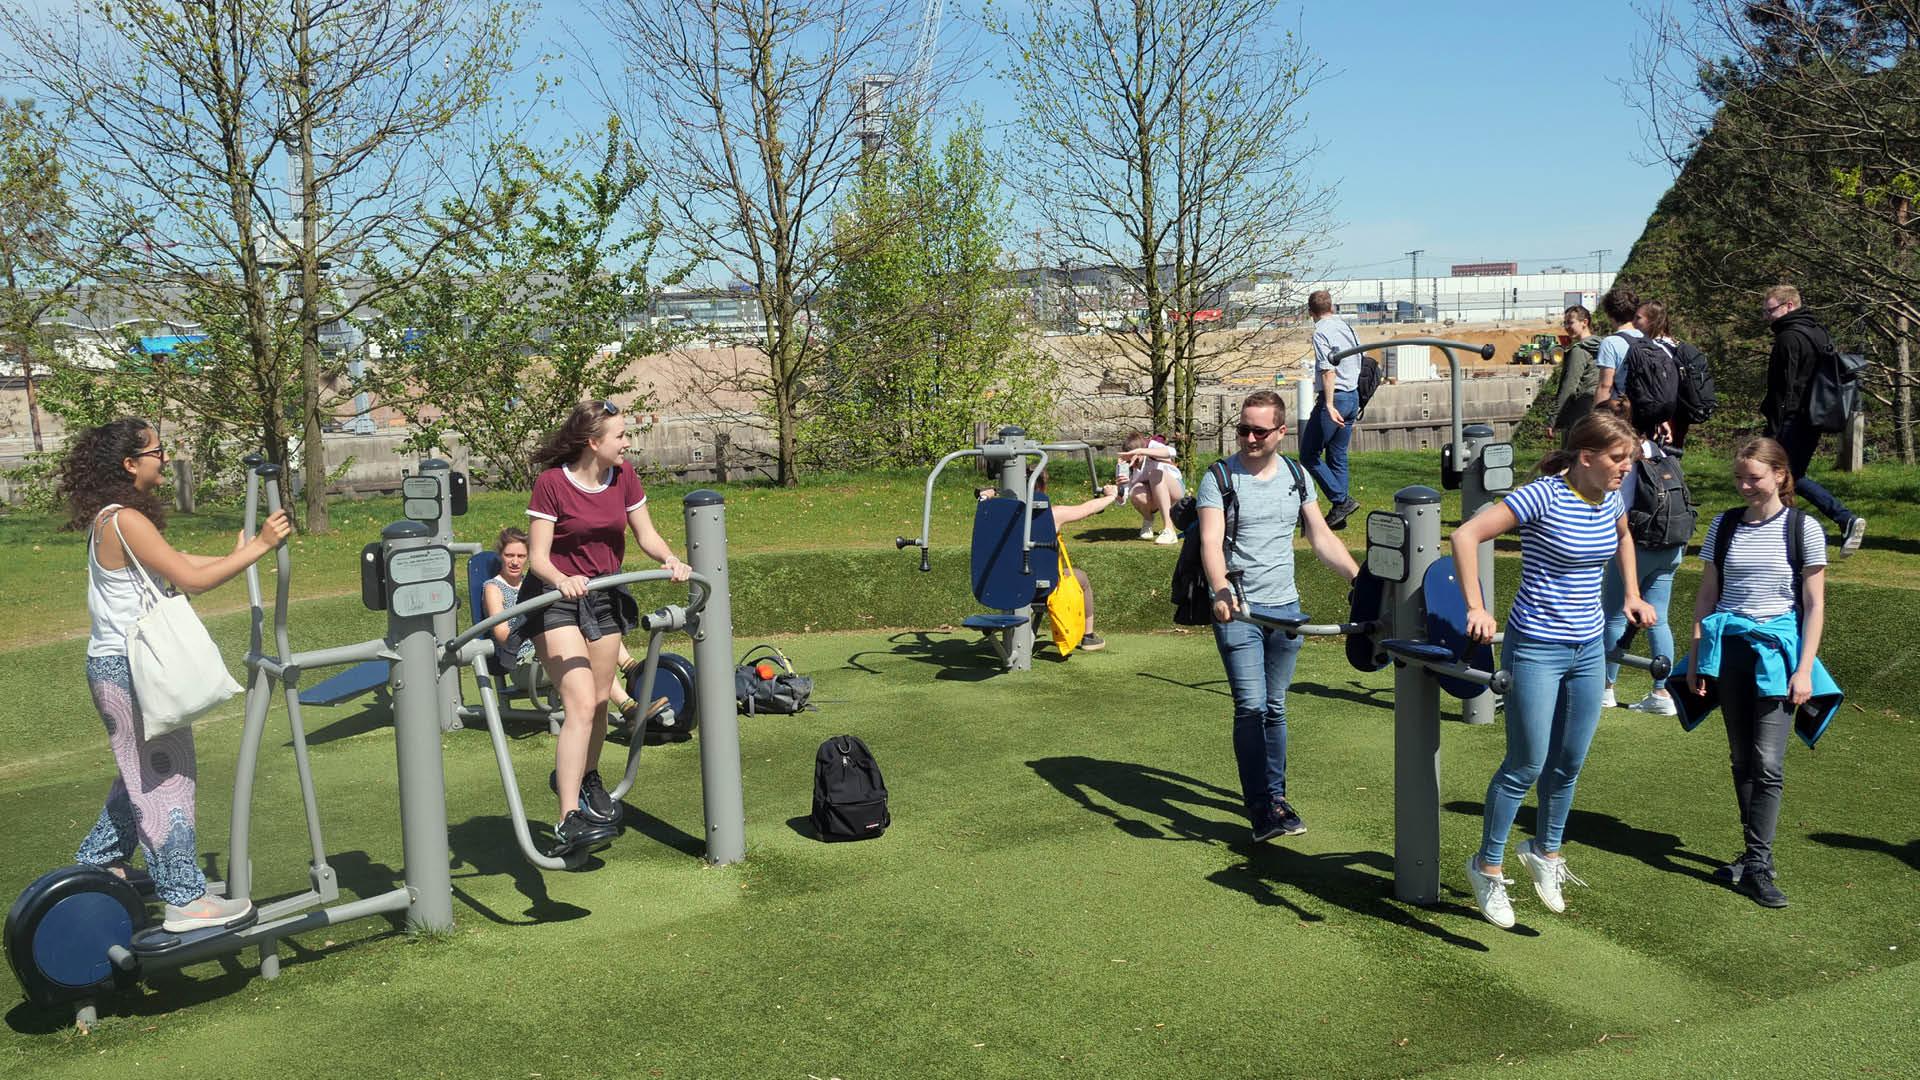 und das Outdoor-Gym